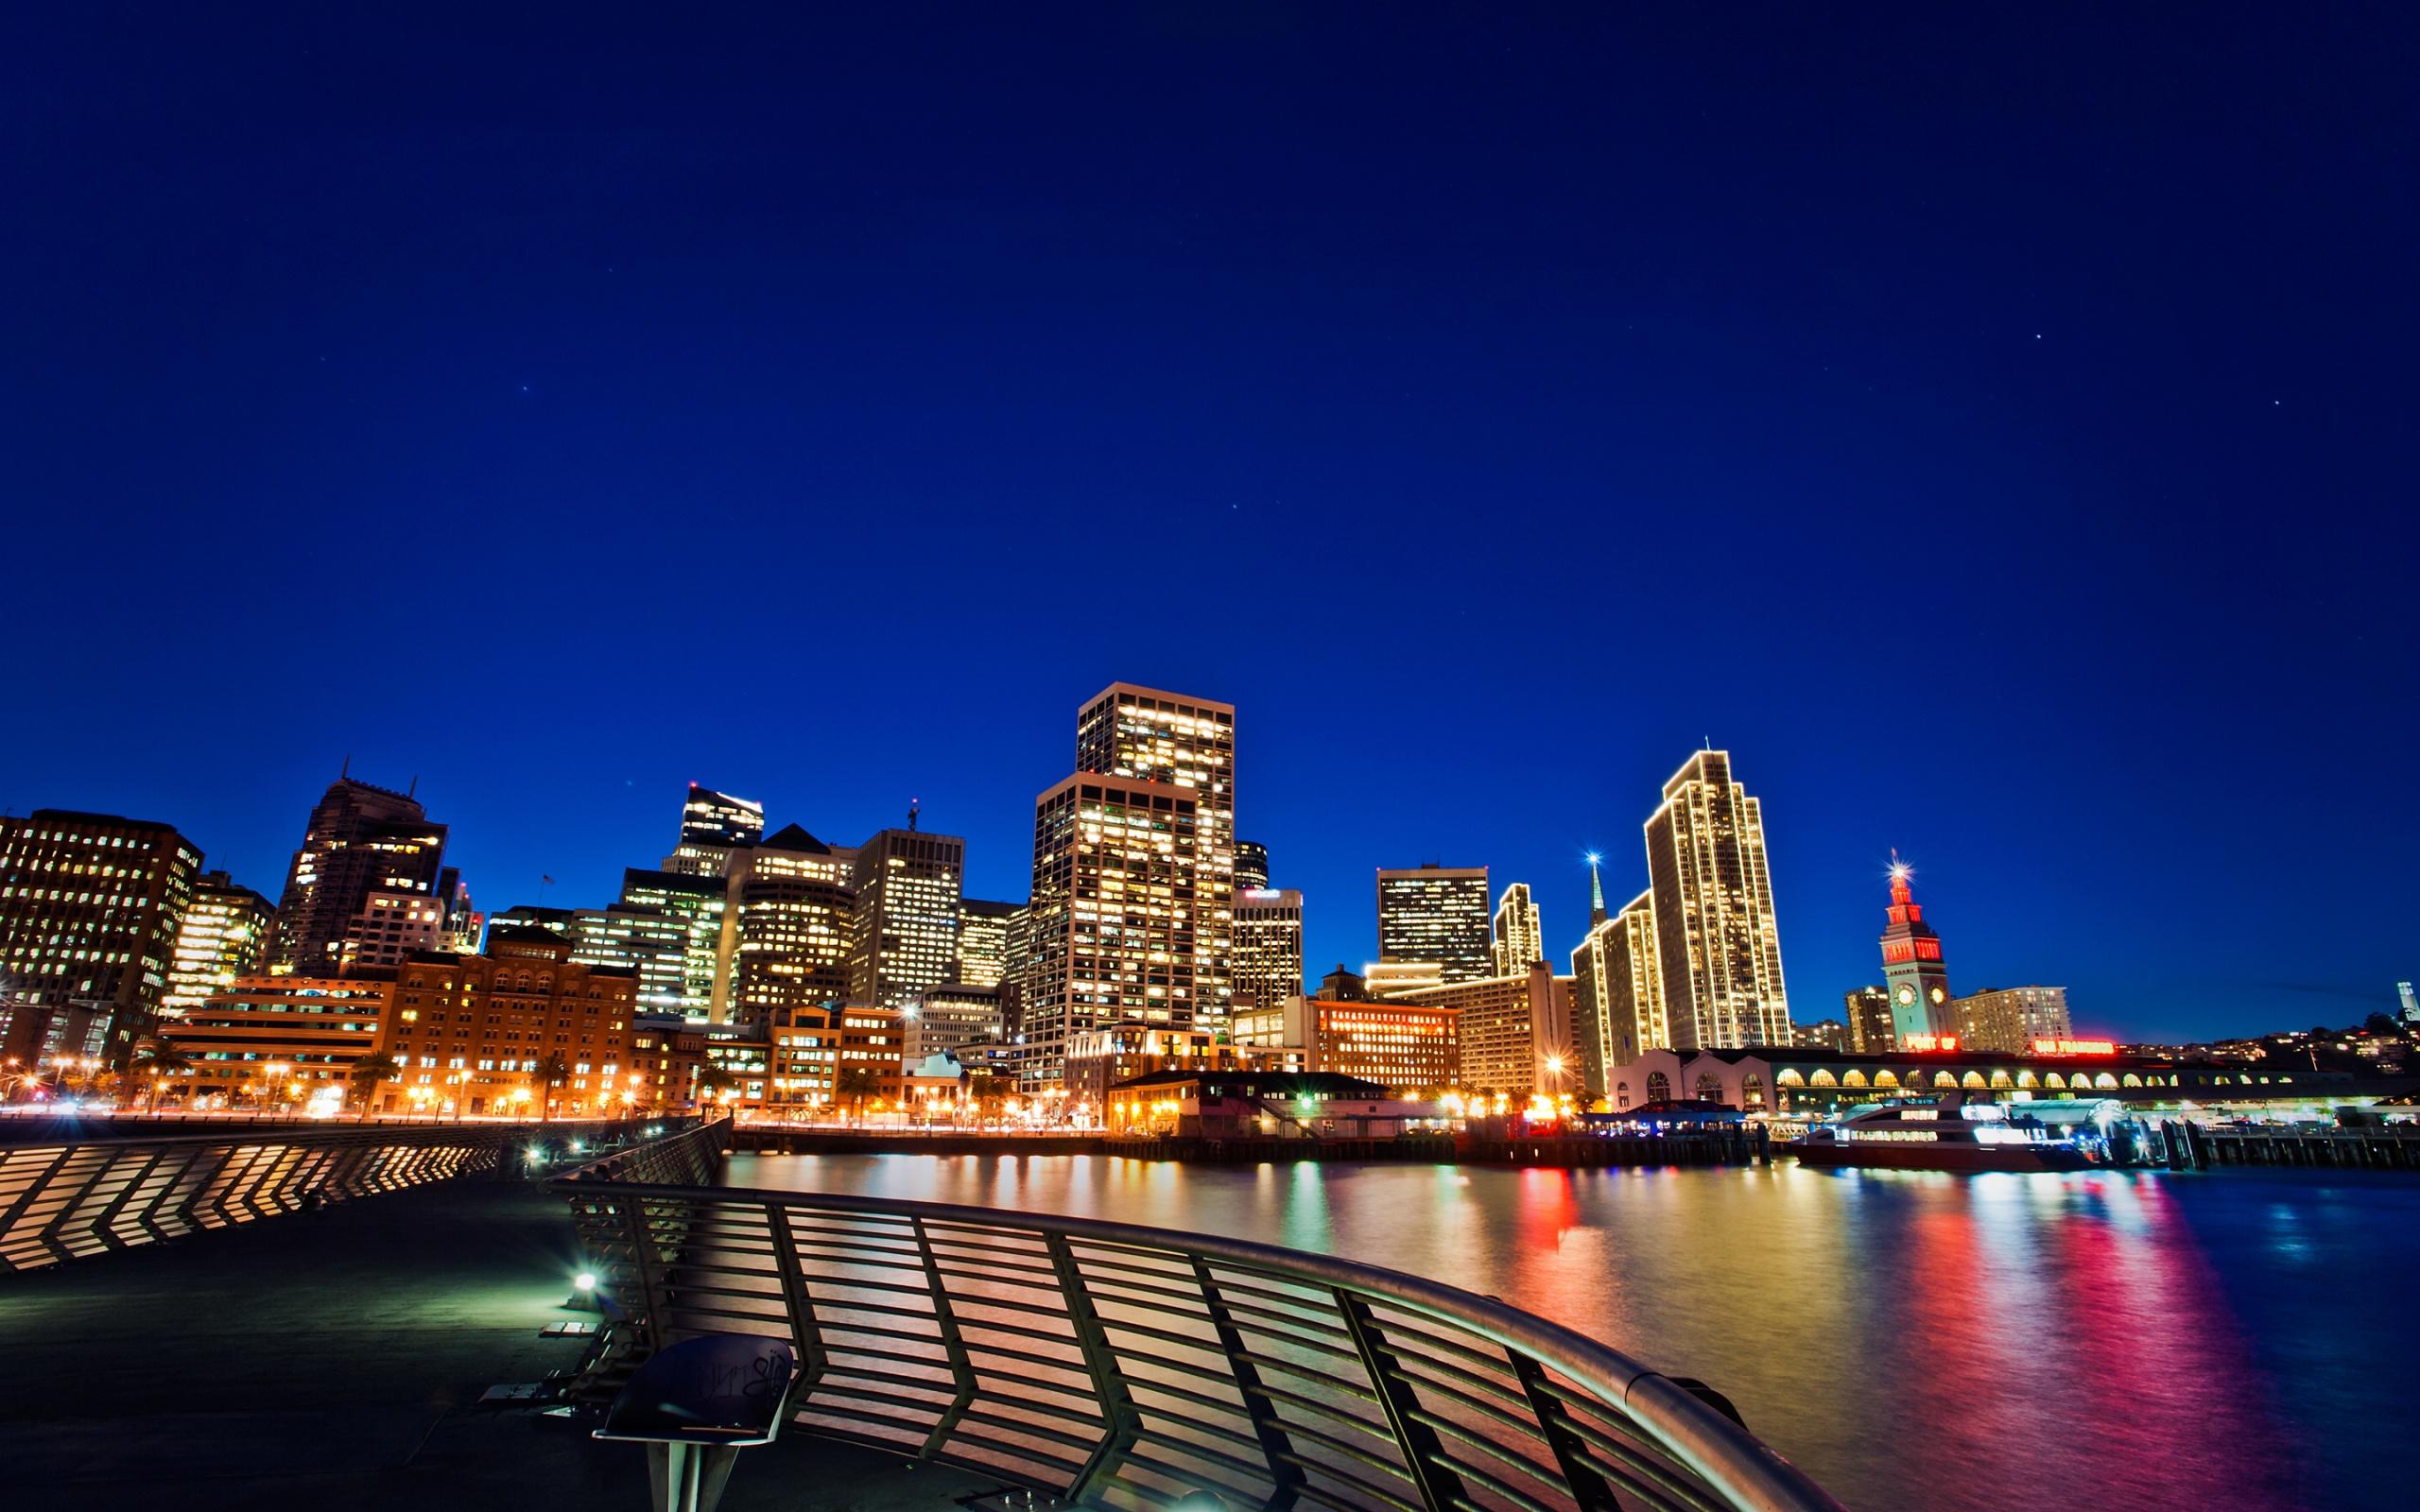 Raccolta di sfondi incantevoli di città metropolitane ...